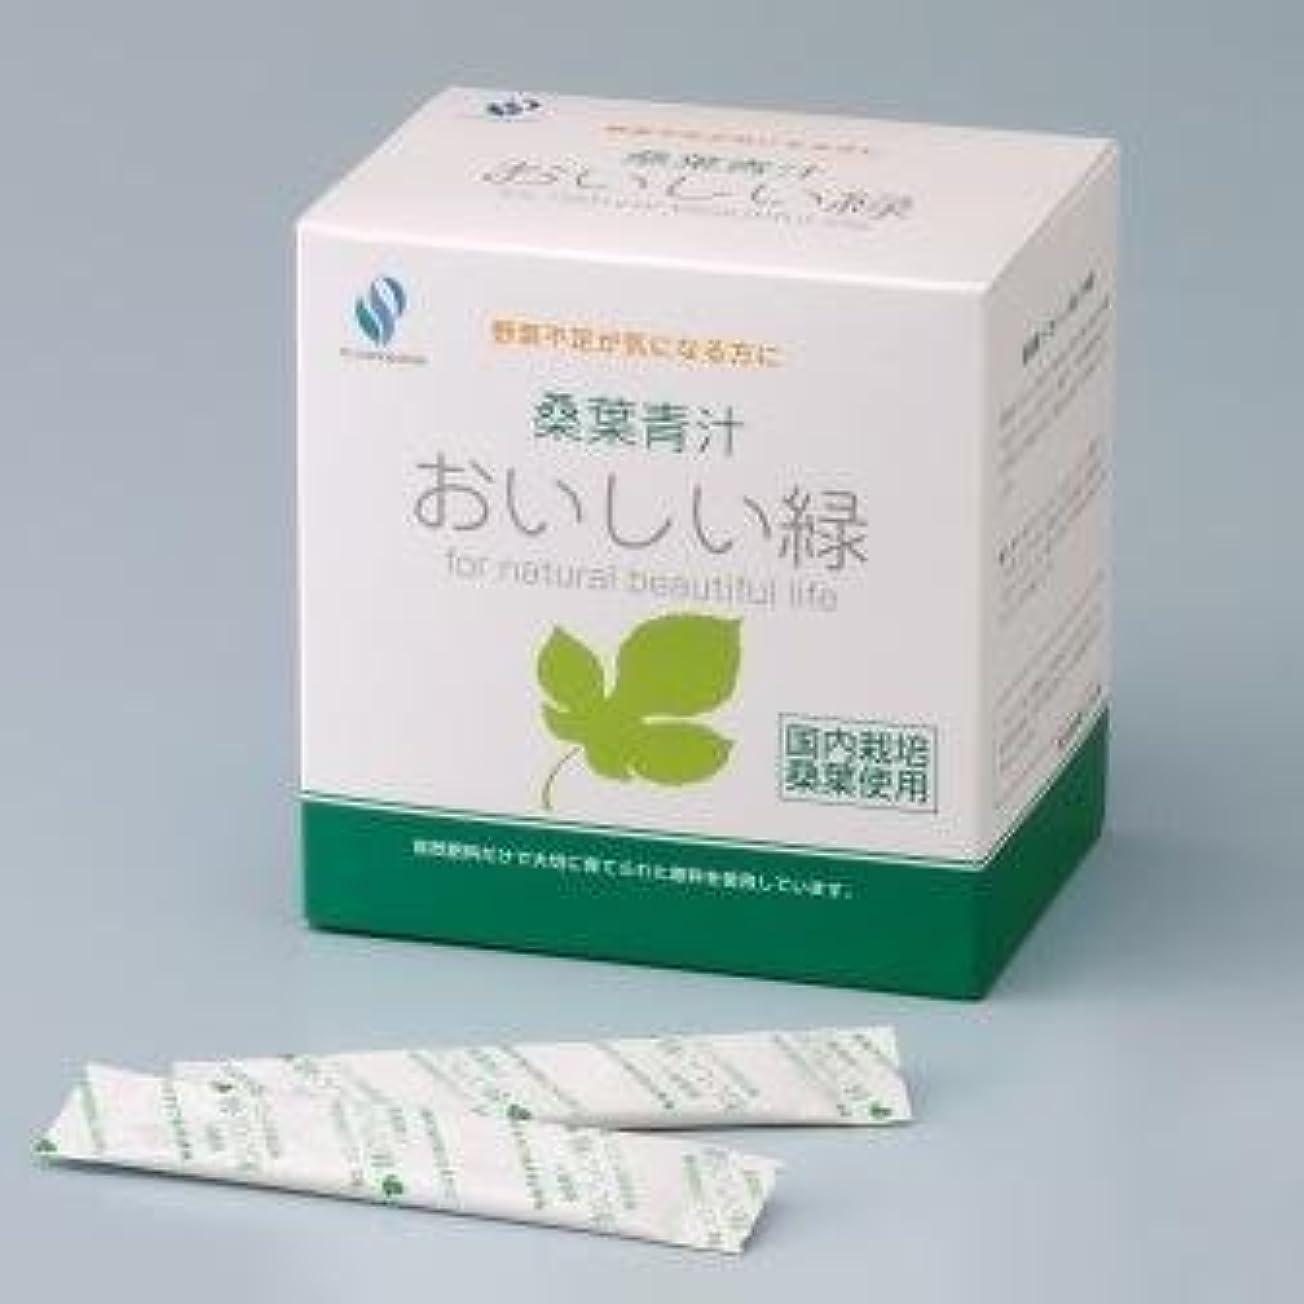 崖再生可能結果【栄養補助食品】 桑葉青汁 おいしい緑 (本体(2gx60本入り))